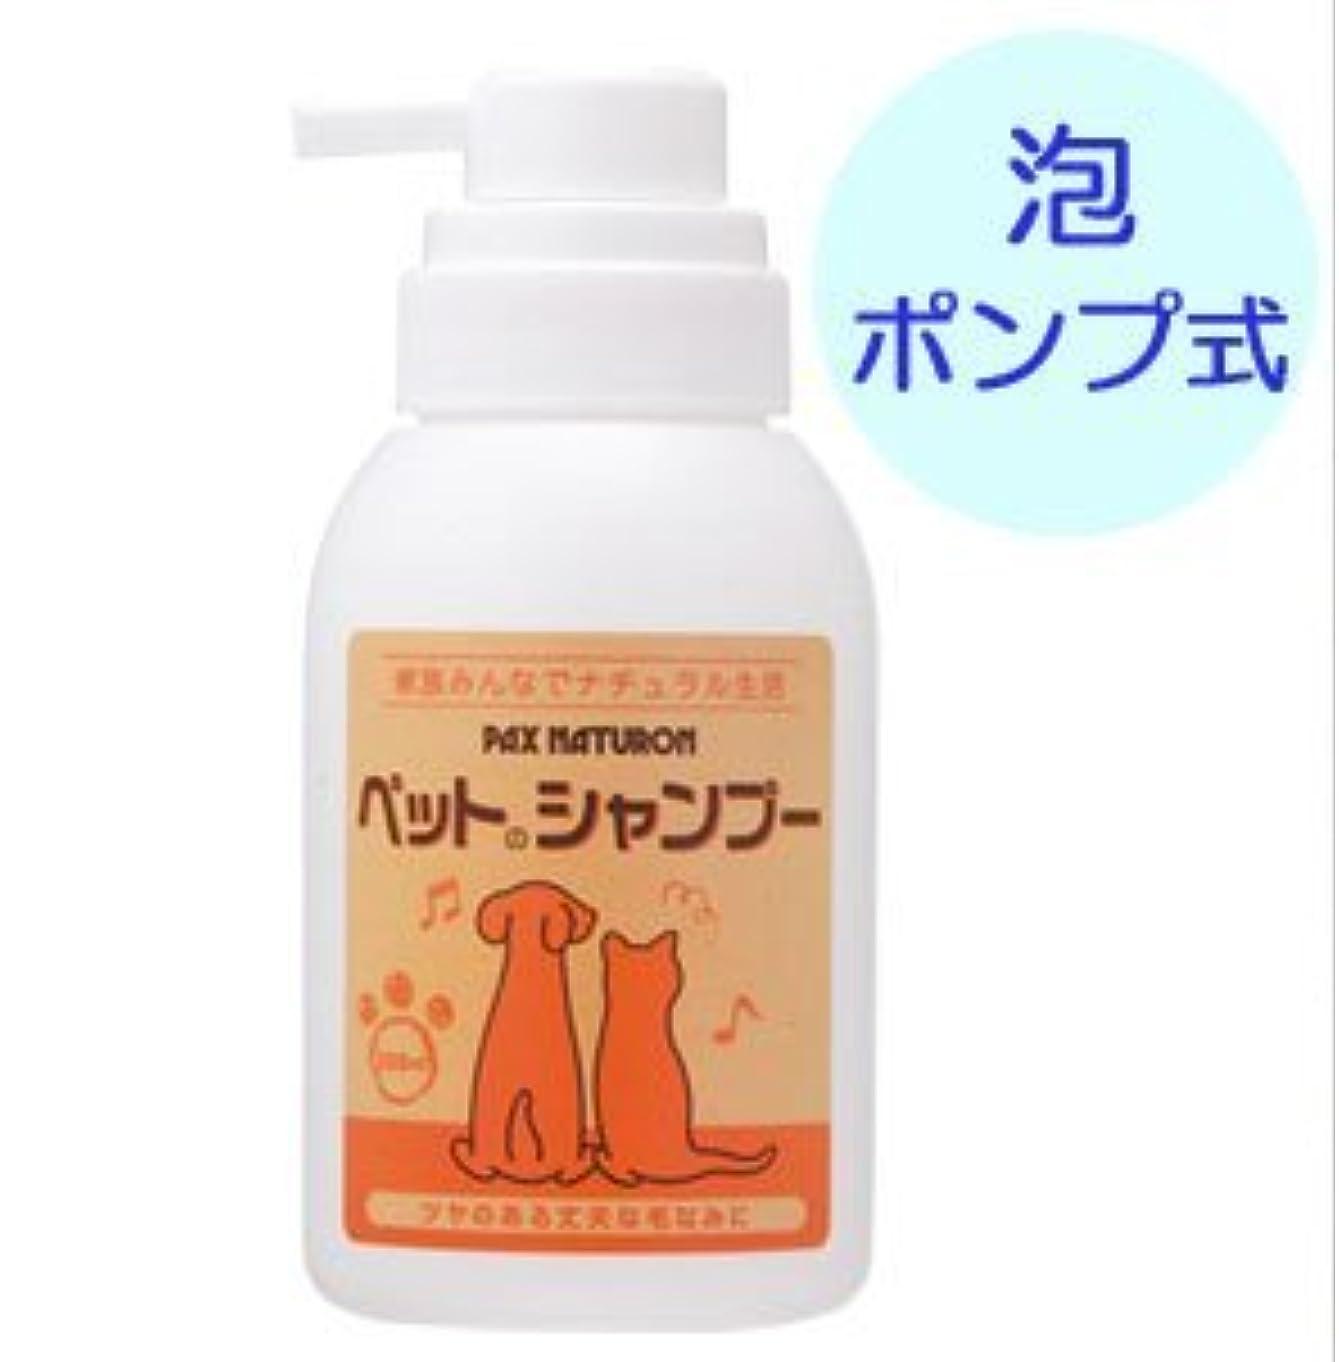 雑草定期的格差パックスナチュロン ペットのシャンプー 350ml ※取り寄せ商品です